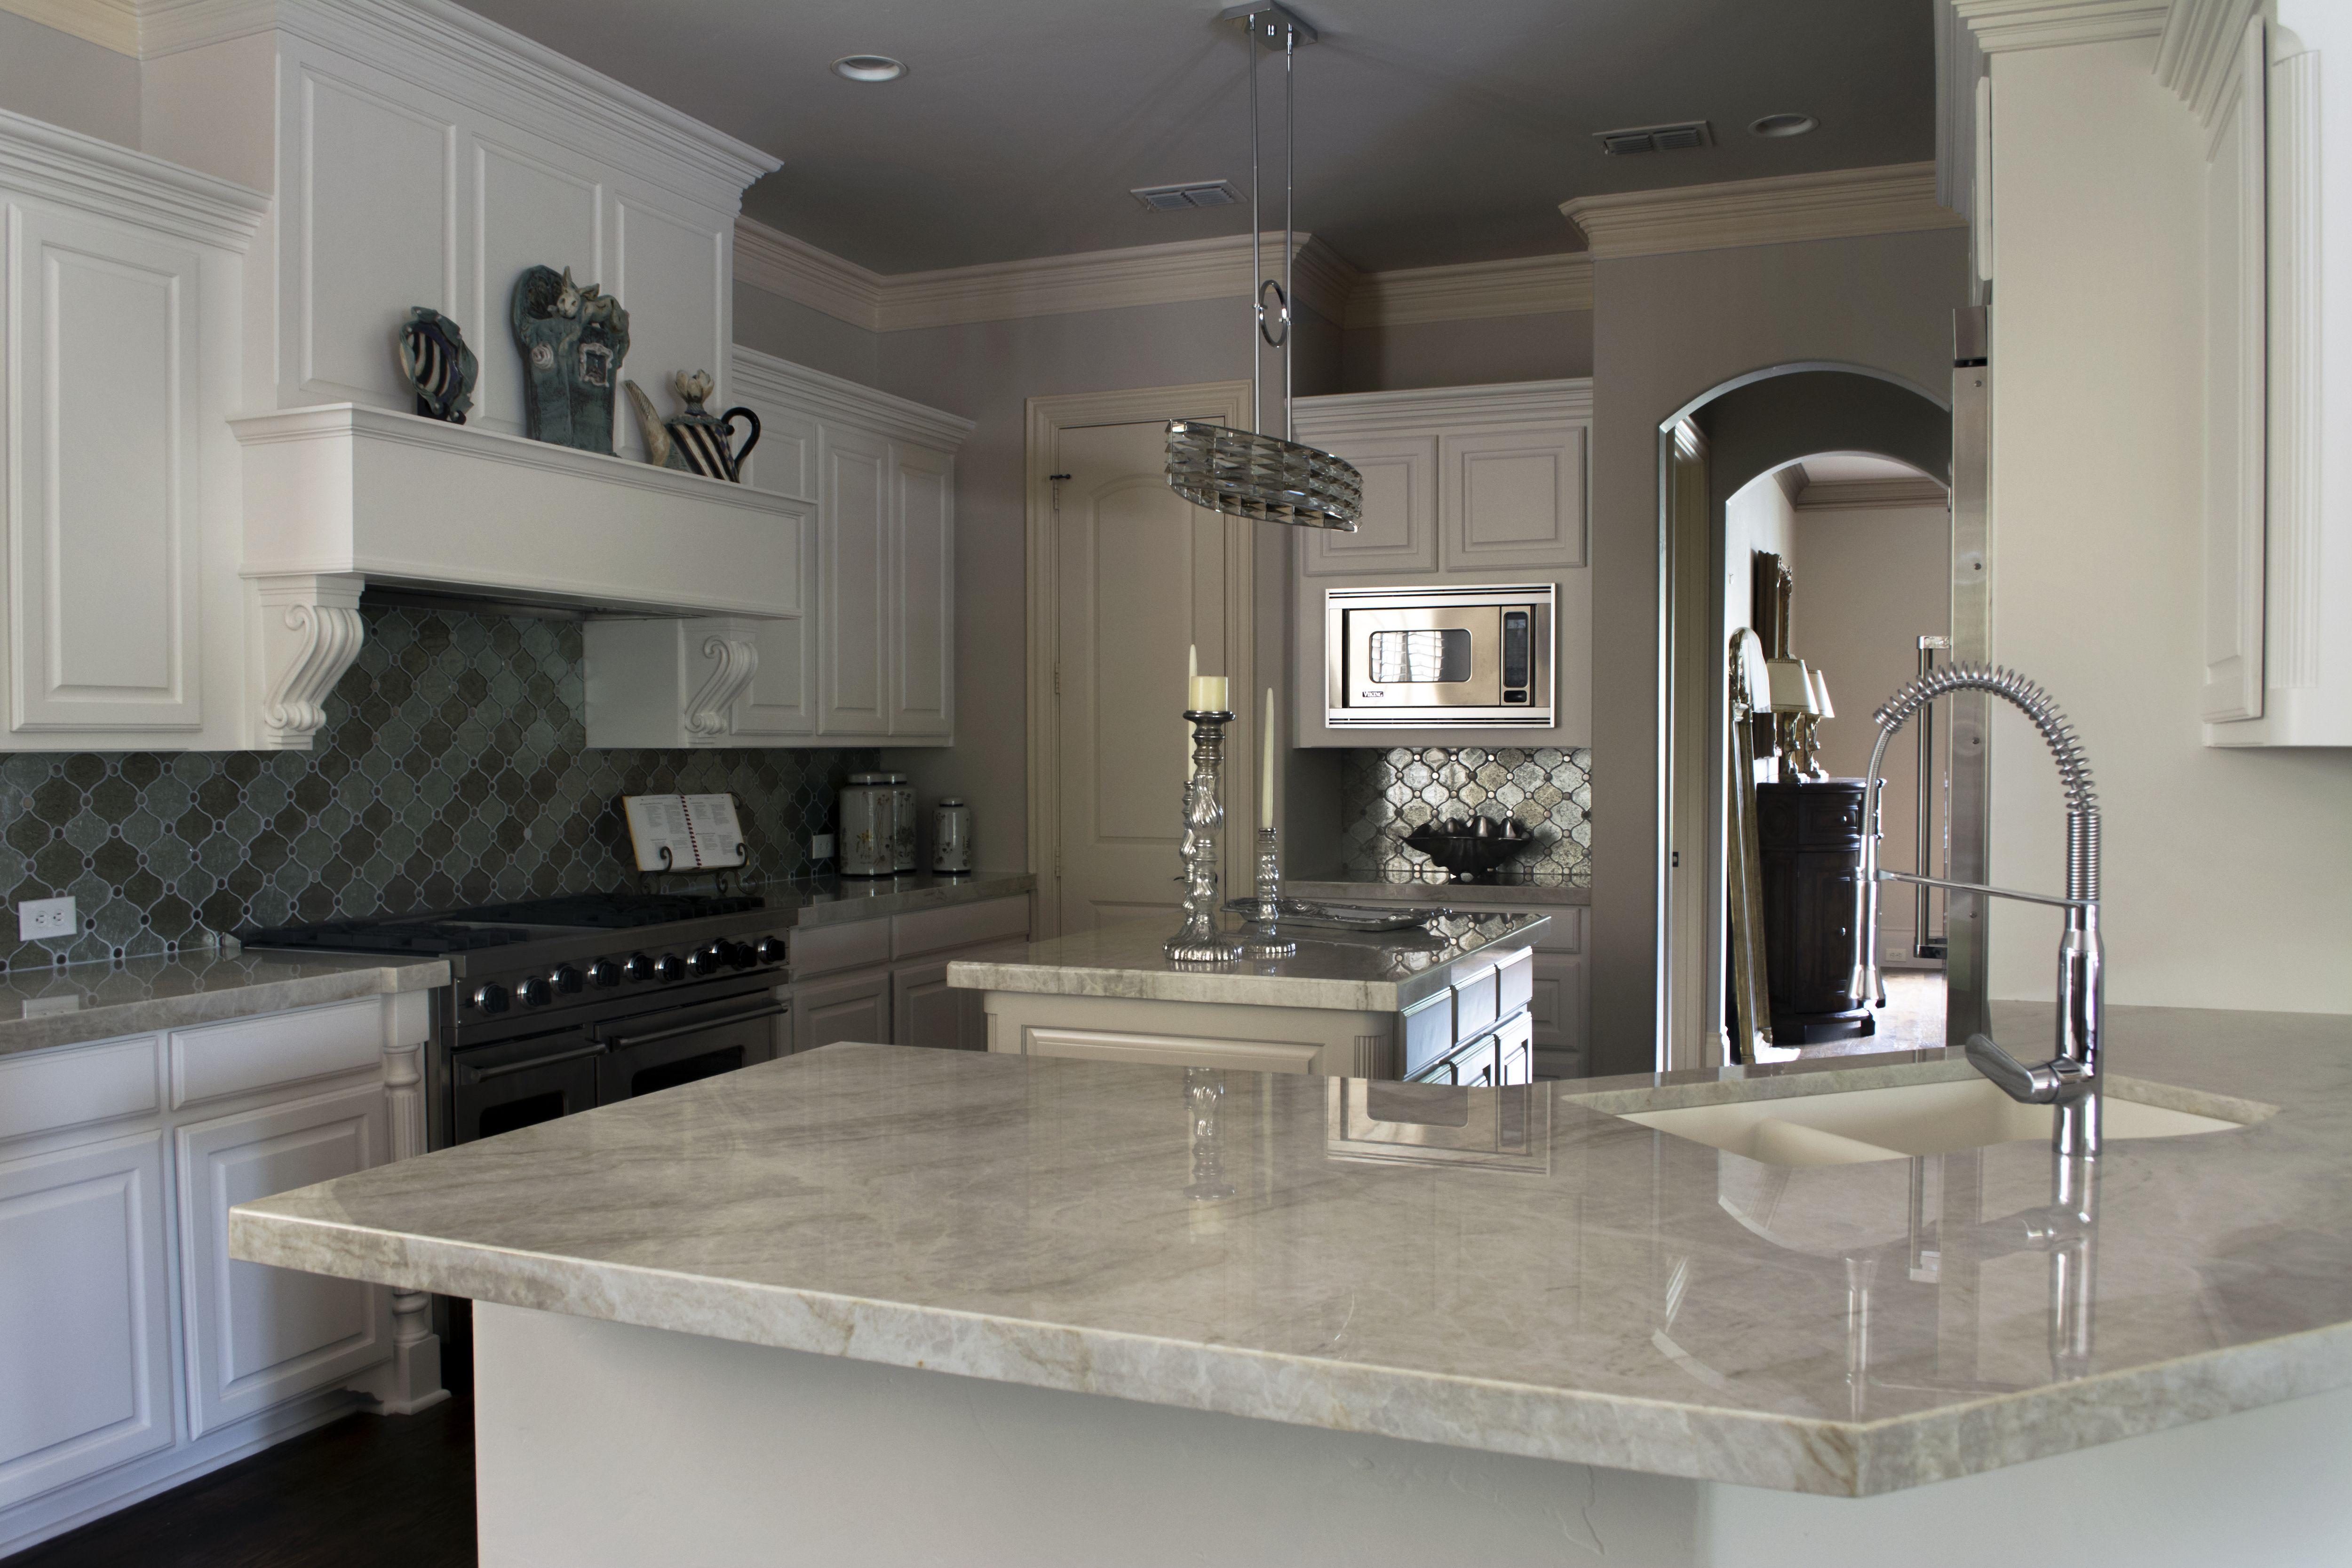 Taj Mahal Quartzite Kitchen Countertops By Economic Granite. Dallas, Tx